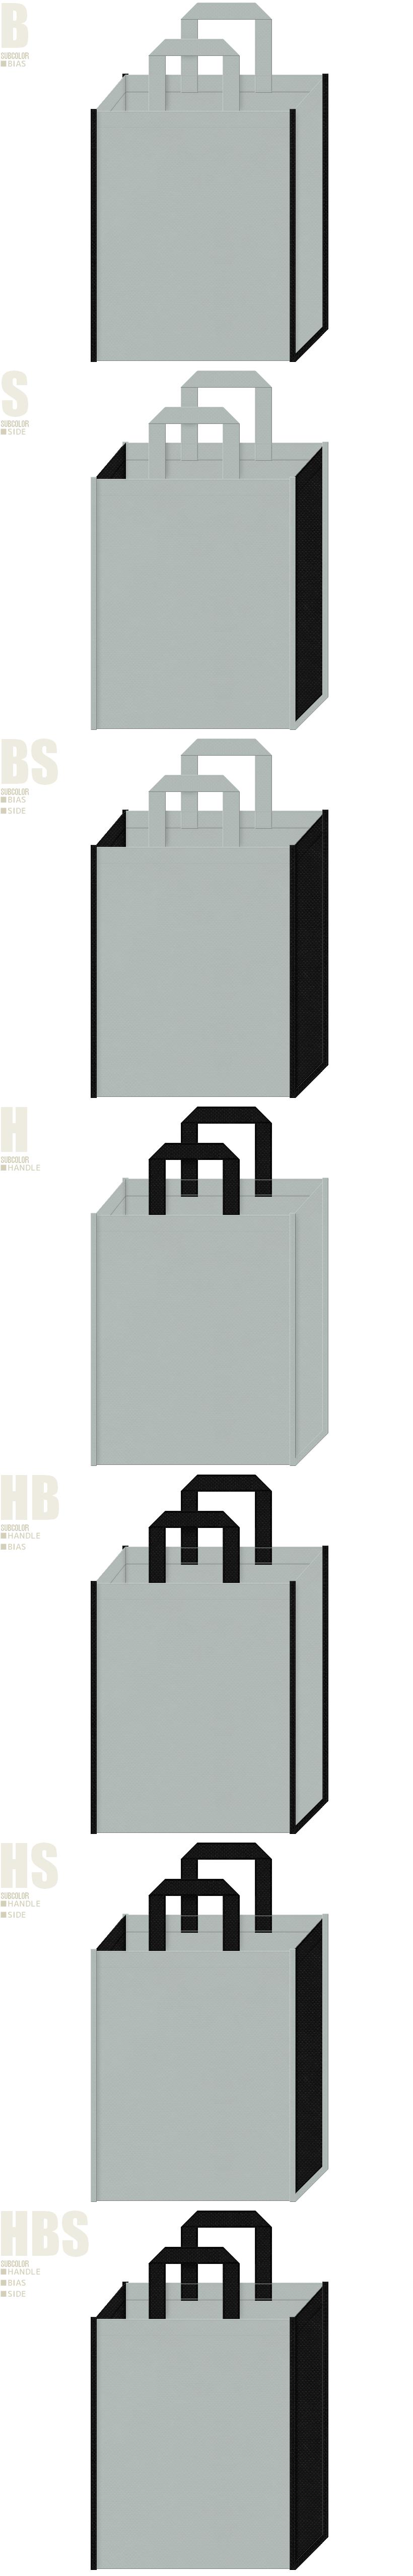 モノトーン・ネイルカラー・白黒写真・紋付羽織袴・和装・礼服・建築・設計・工具・機械・文具・盾・矛・鎧・剣・ゲームのイベント・タイヤ・ホイール・ドライブレコーダー・カー用品の展示会用バッグにお奨めの不織布バッグデザイン:グレー色と黒色の配色7パターン